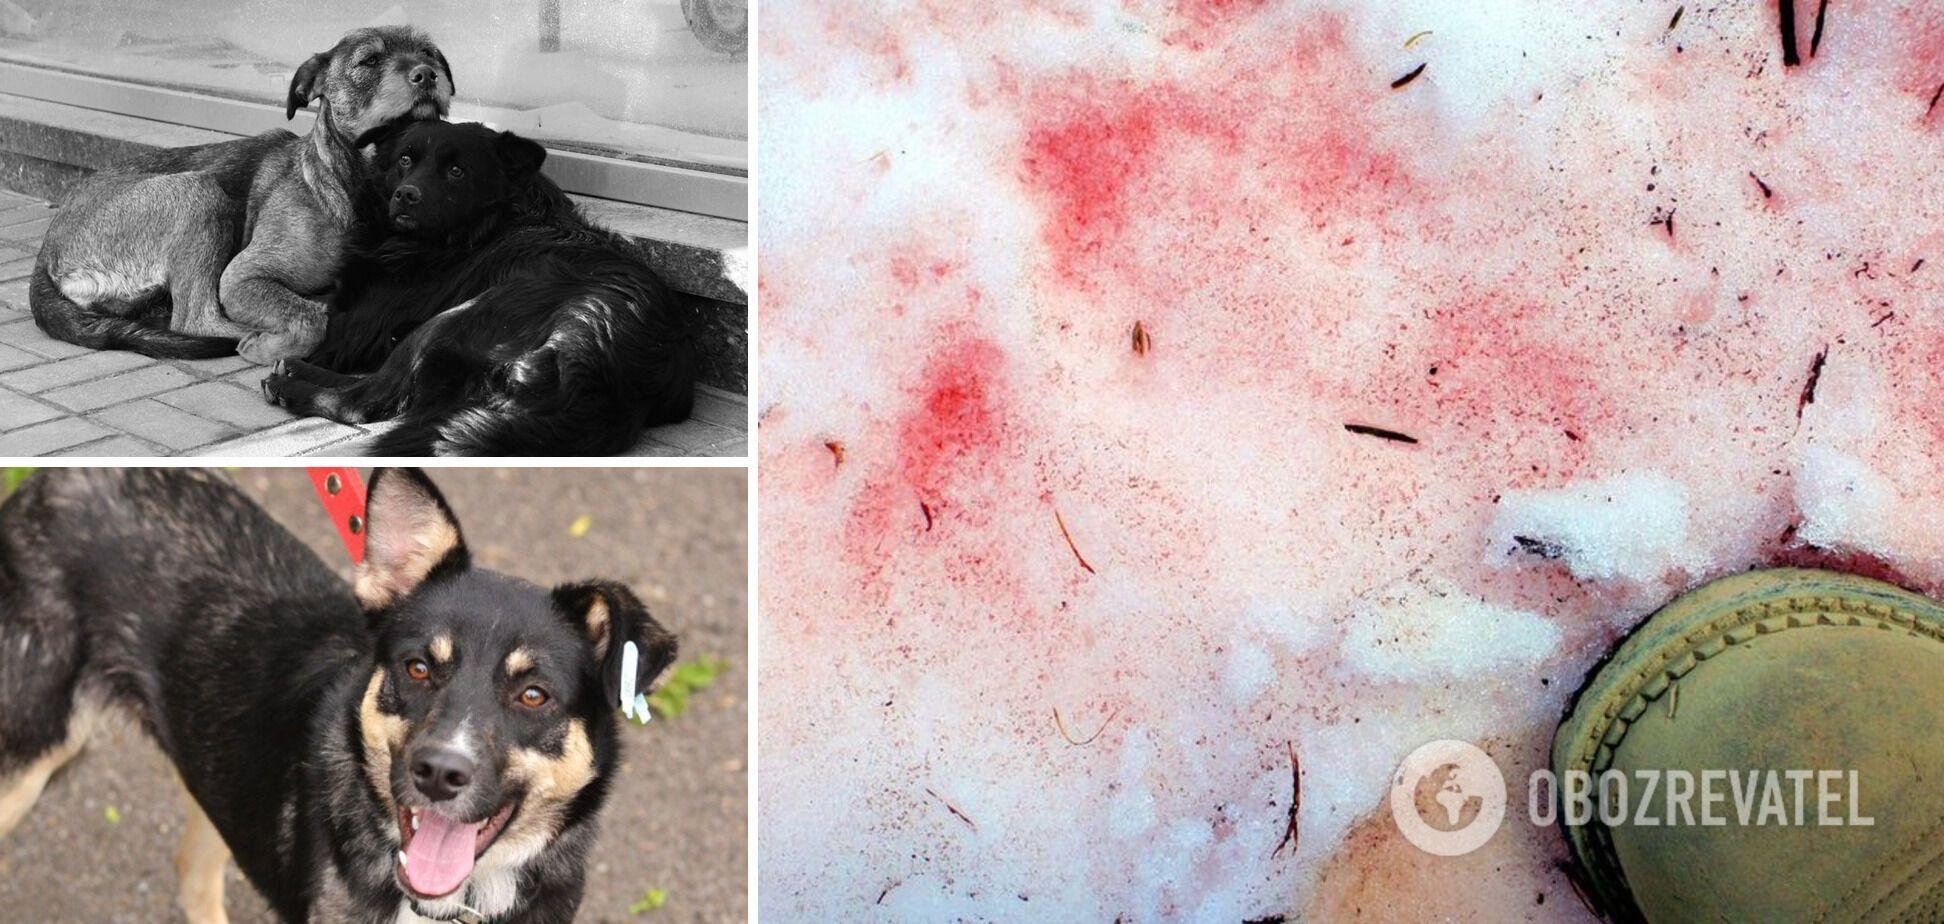 У Києві переполох через отруєння собак 'рожевим снігом': як уберегти домашніх улюбленців